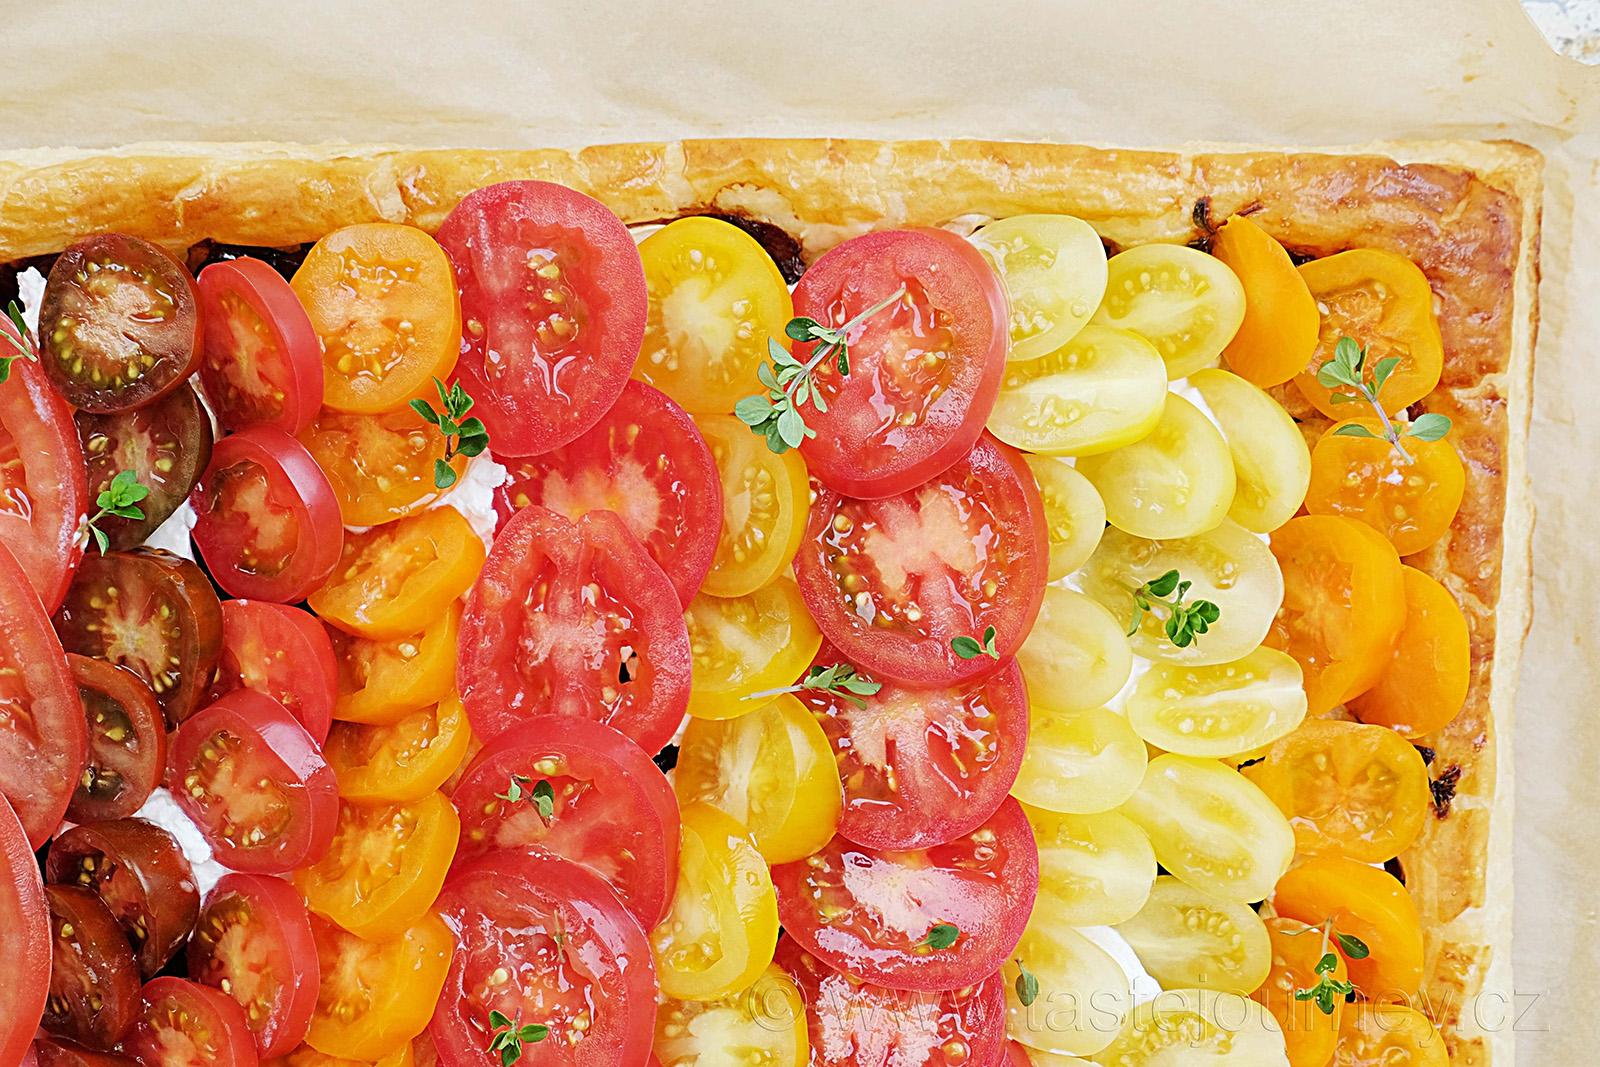 Různé druhy rajčat vytvoří krásný duhový efekt